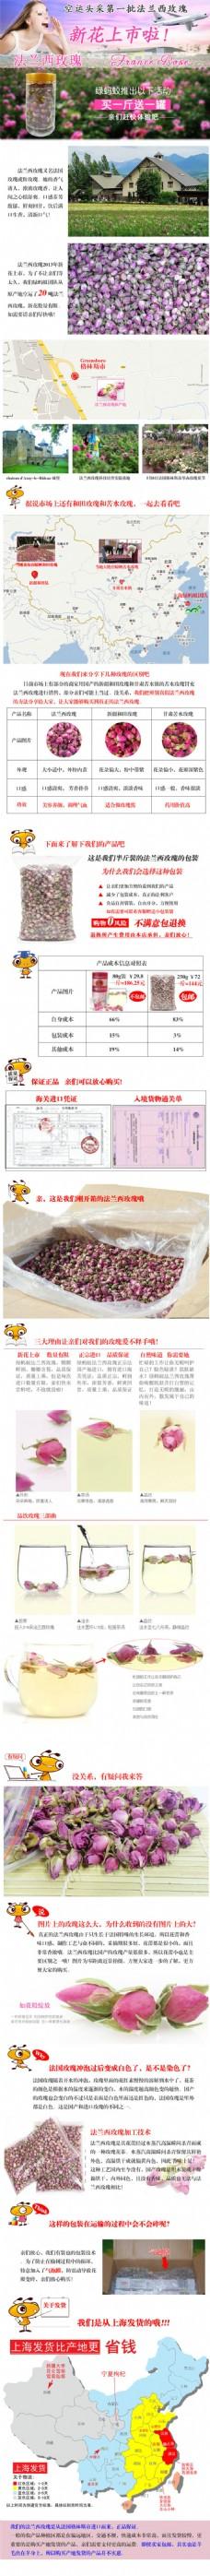 花茶淘宝电商食品茶饮详情页模板